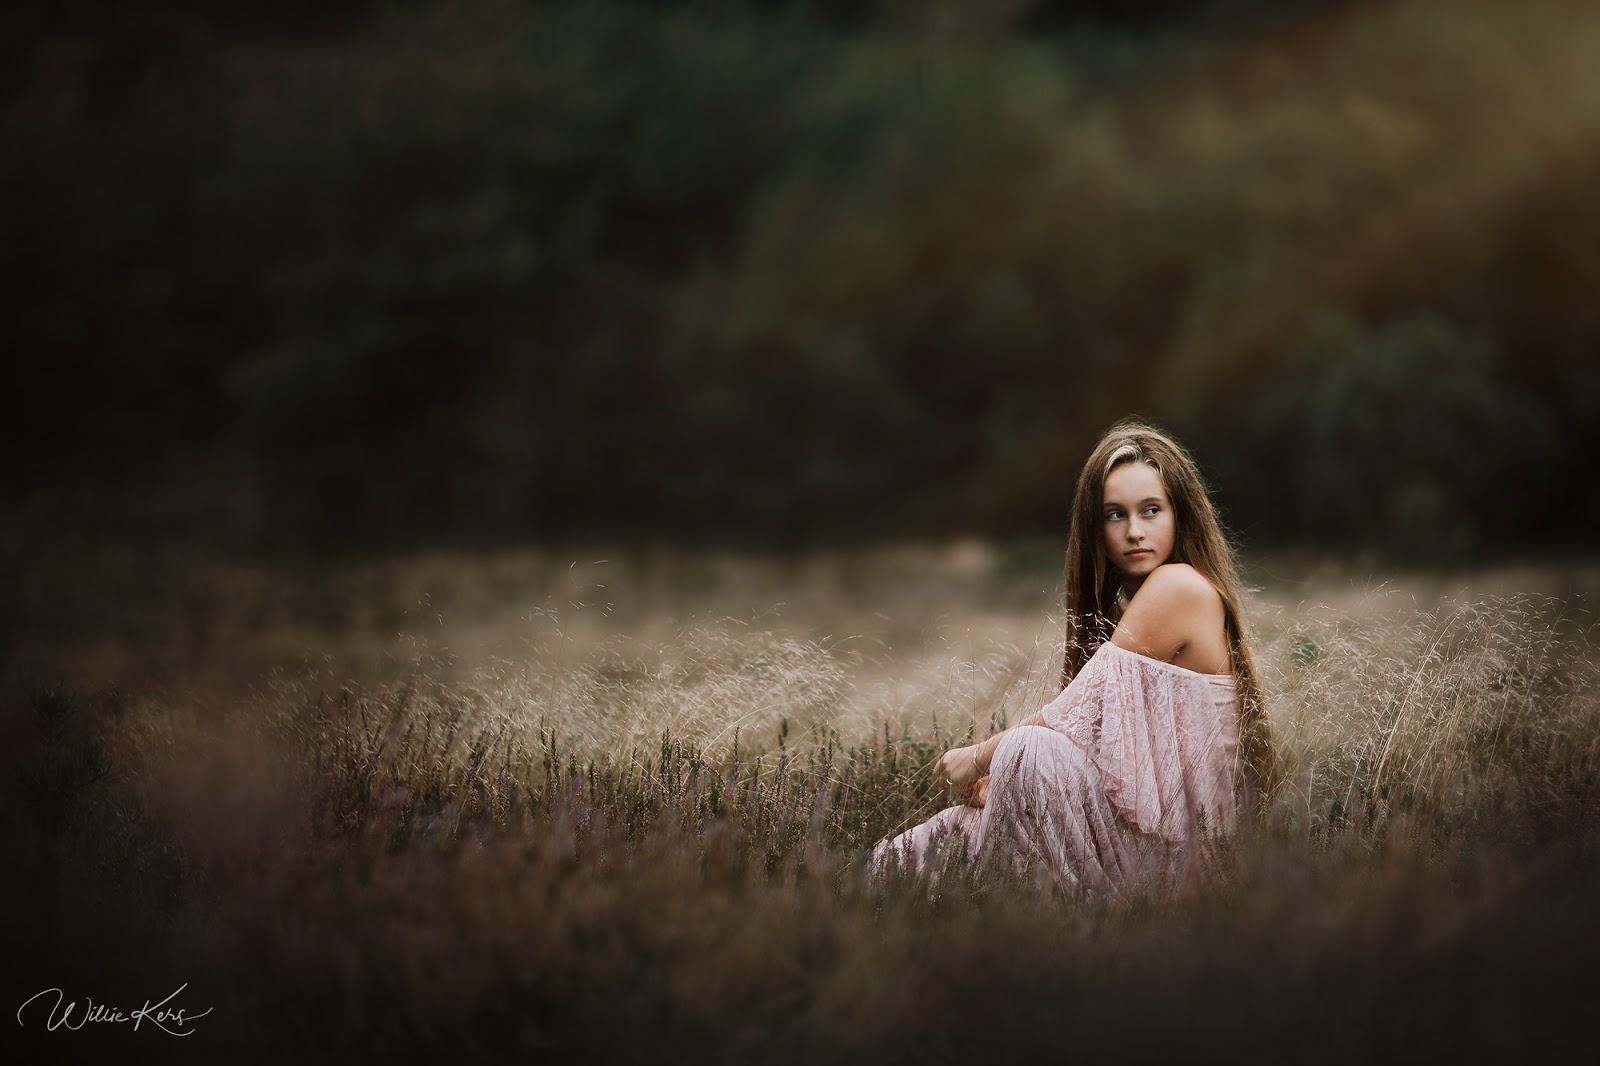 Canon EOS R natuurlijk licht portret van een jonge vrouw of bruid in een trouwjurk zittend in het hoge gras in Apeldoorn door fotograaf Willie Kers